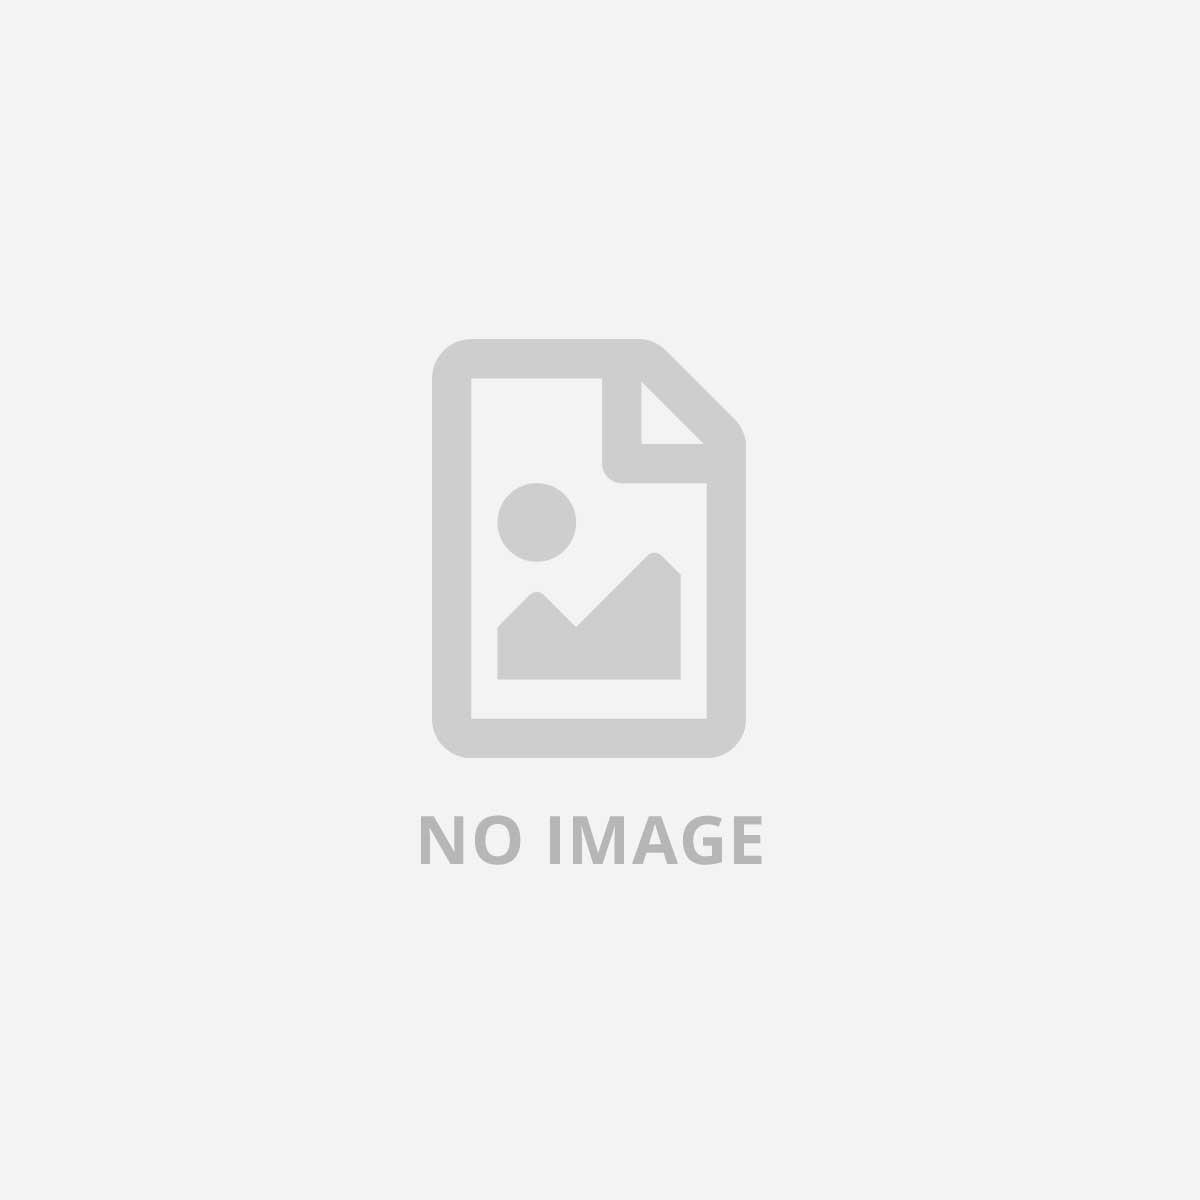 AEROHIVE NETWORKS SECRTY SCREW BIT 3PK AP122-122X-130